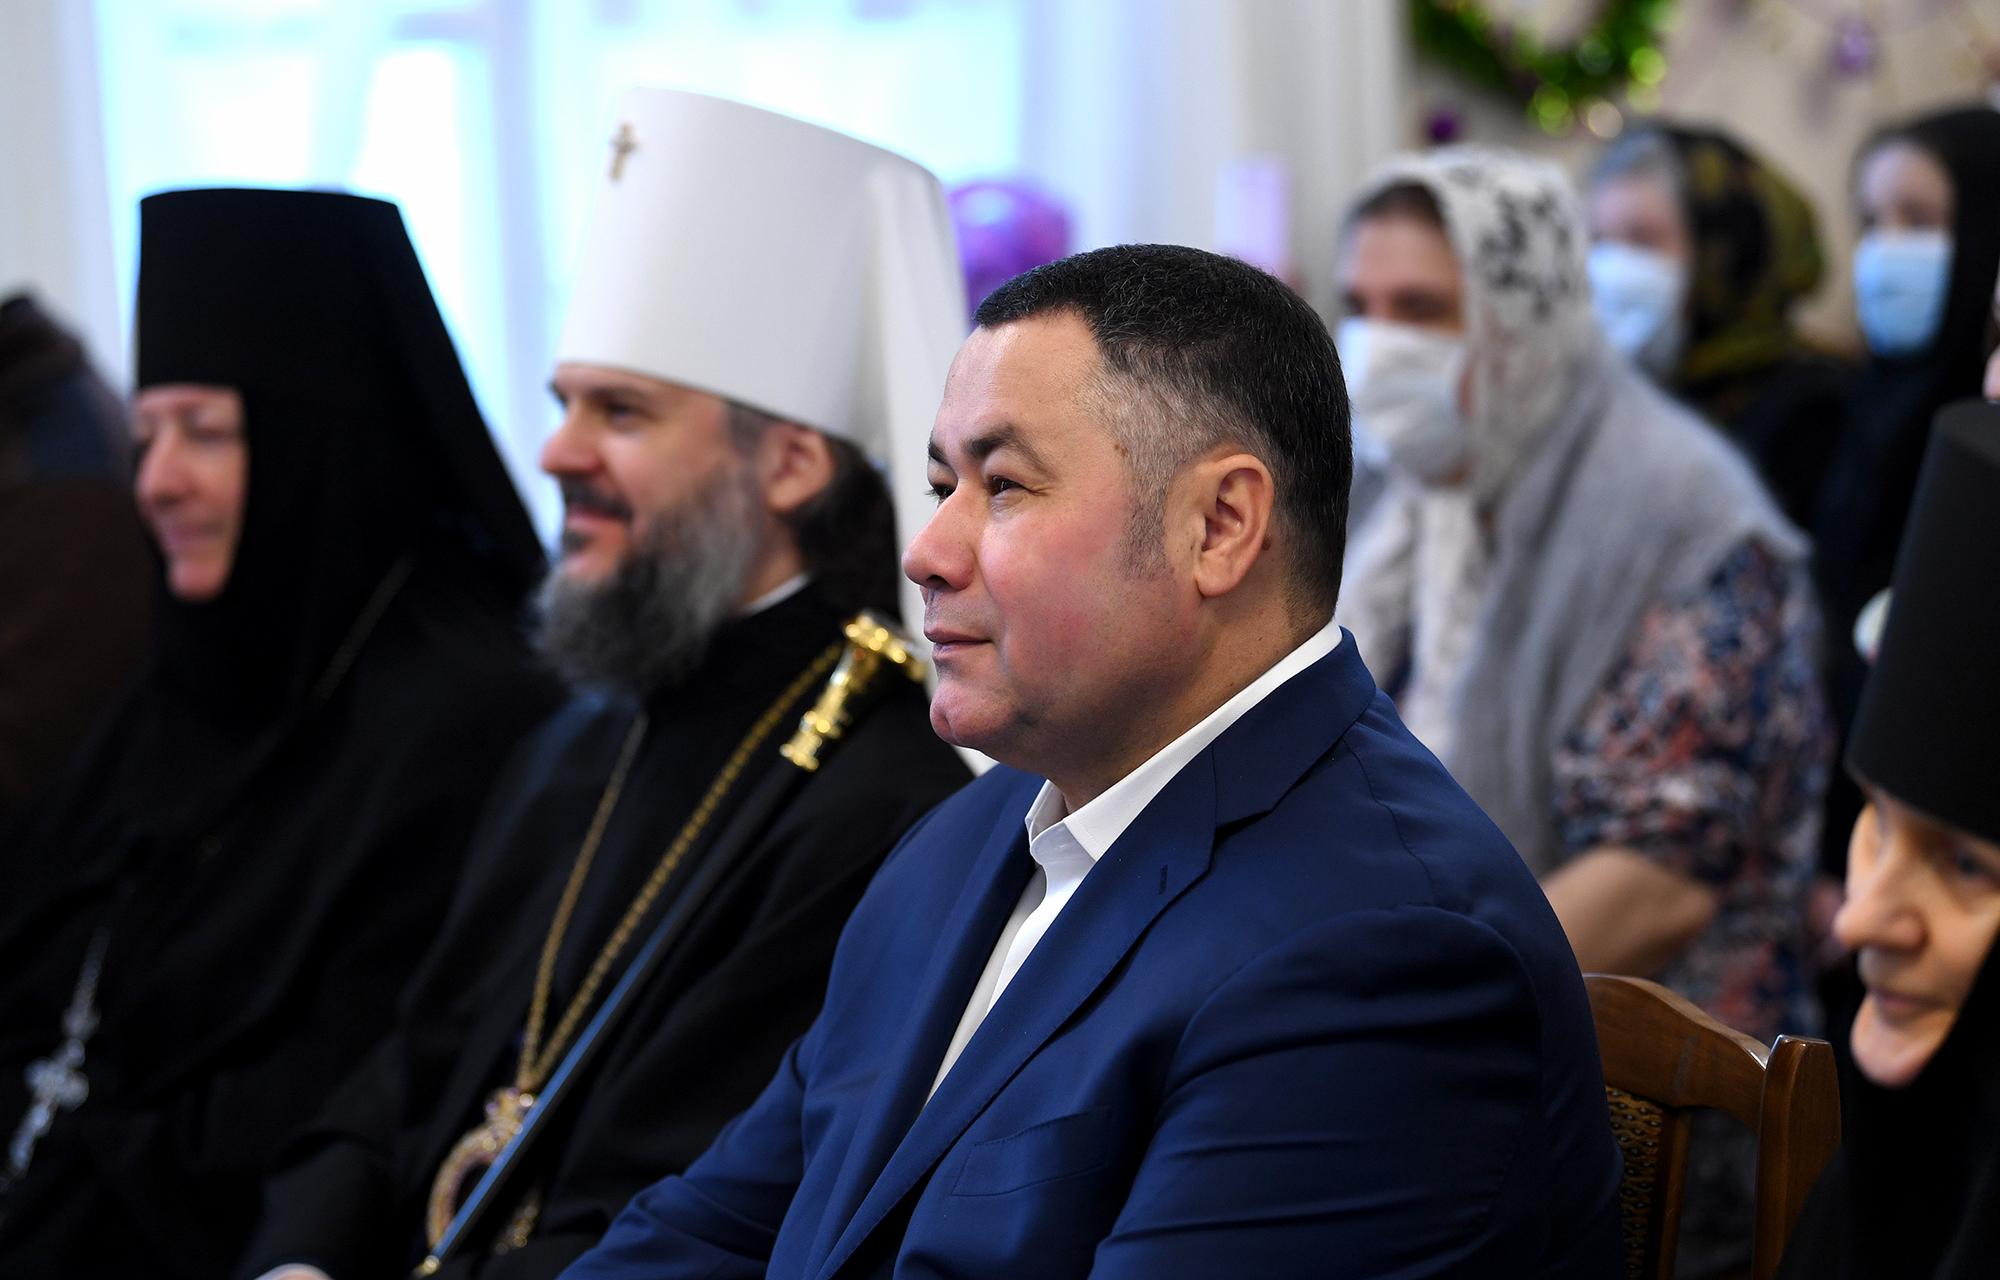 Игорь Руденя посетил праздник в честь Рождества Христова в Вознесенском Оршином монастыре